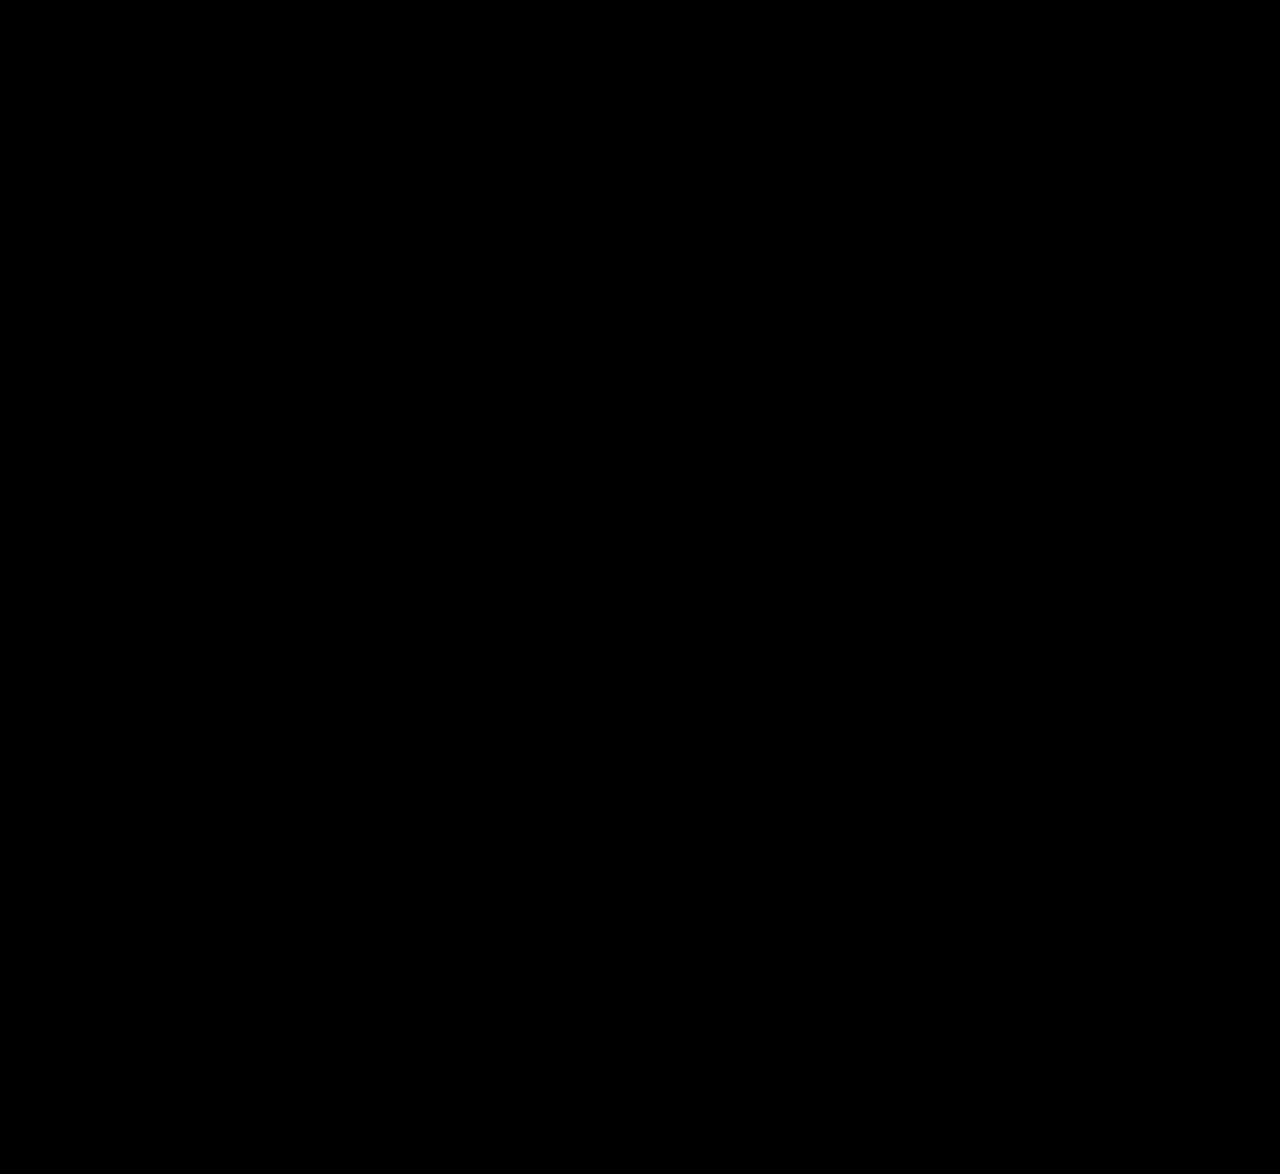 רגלים